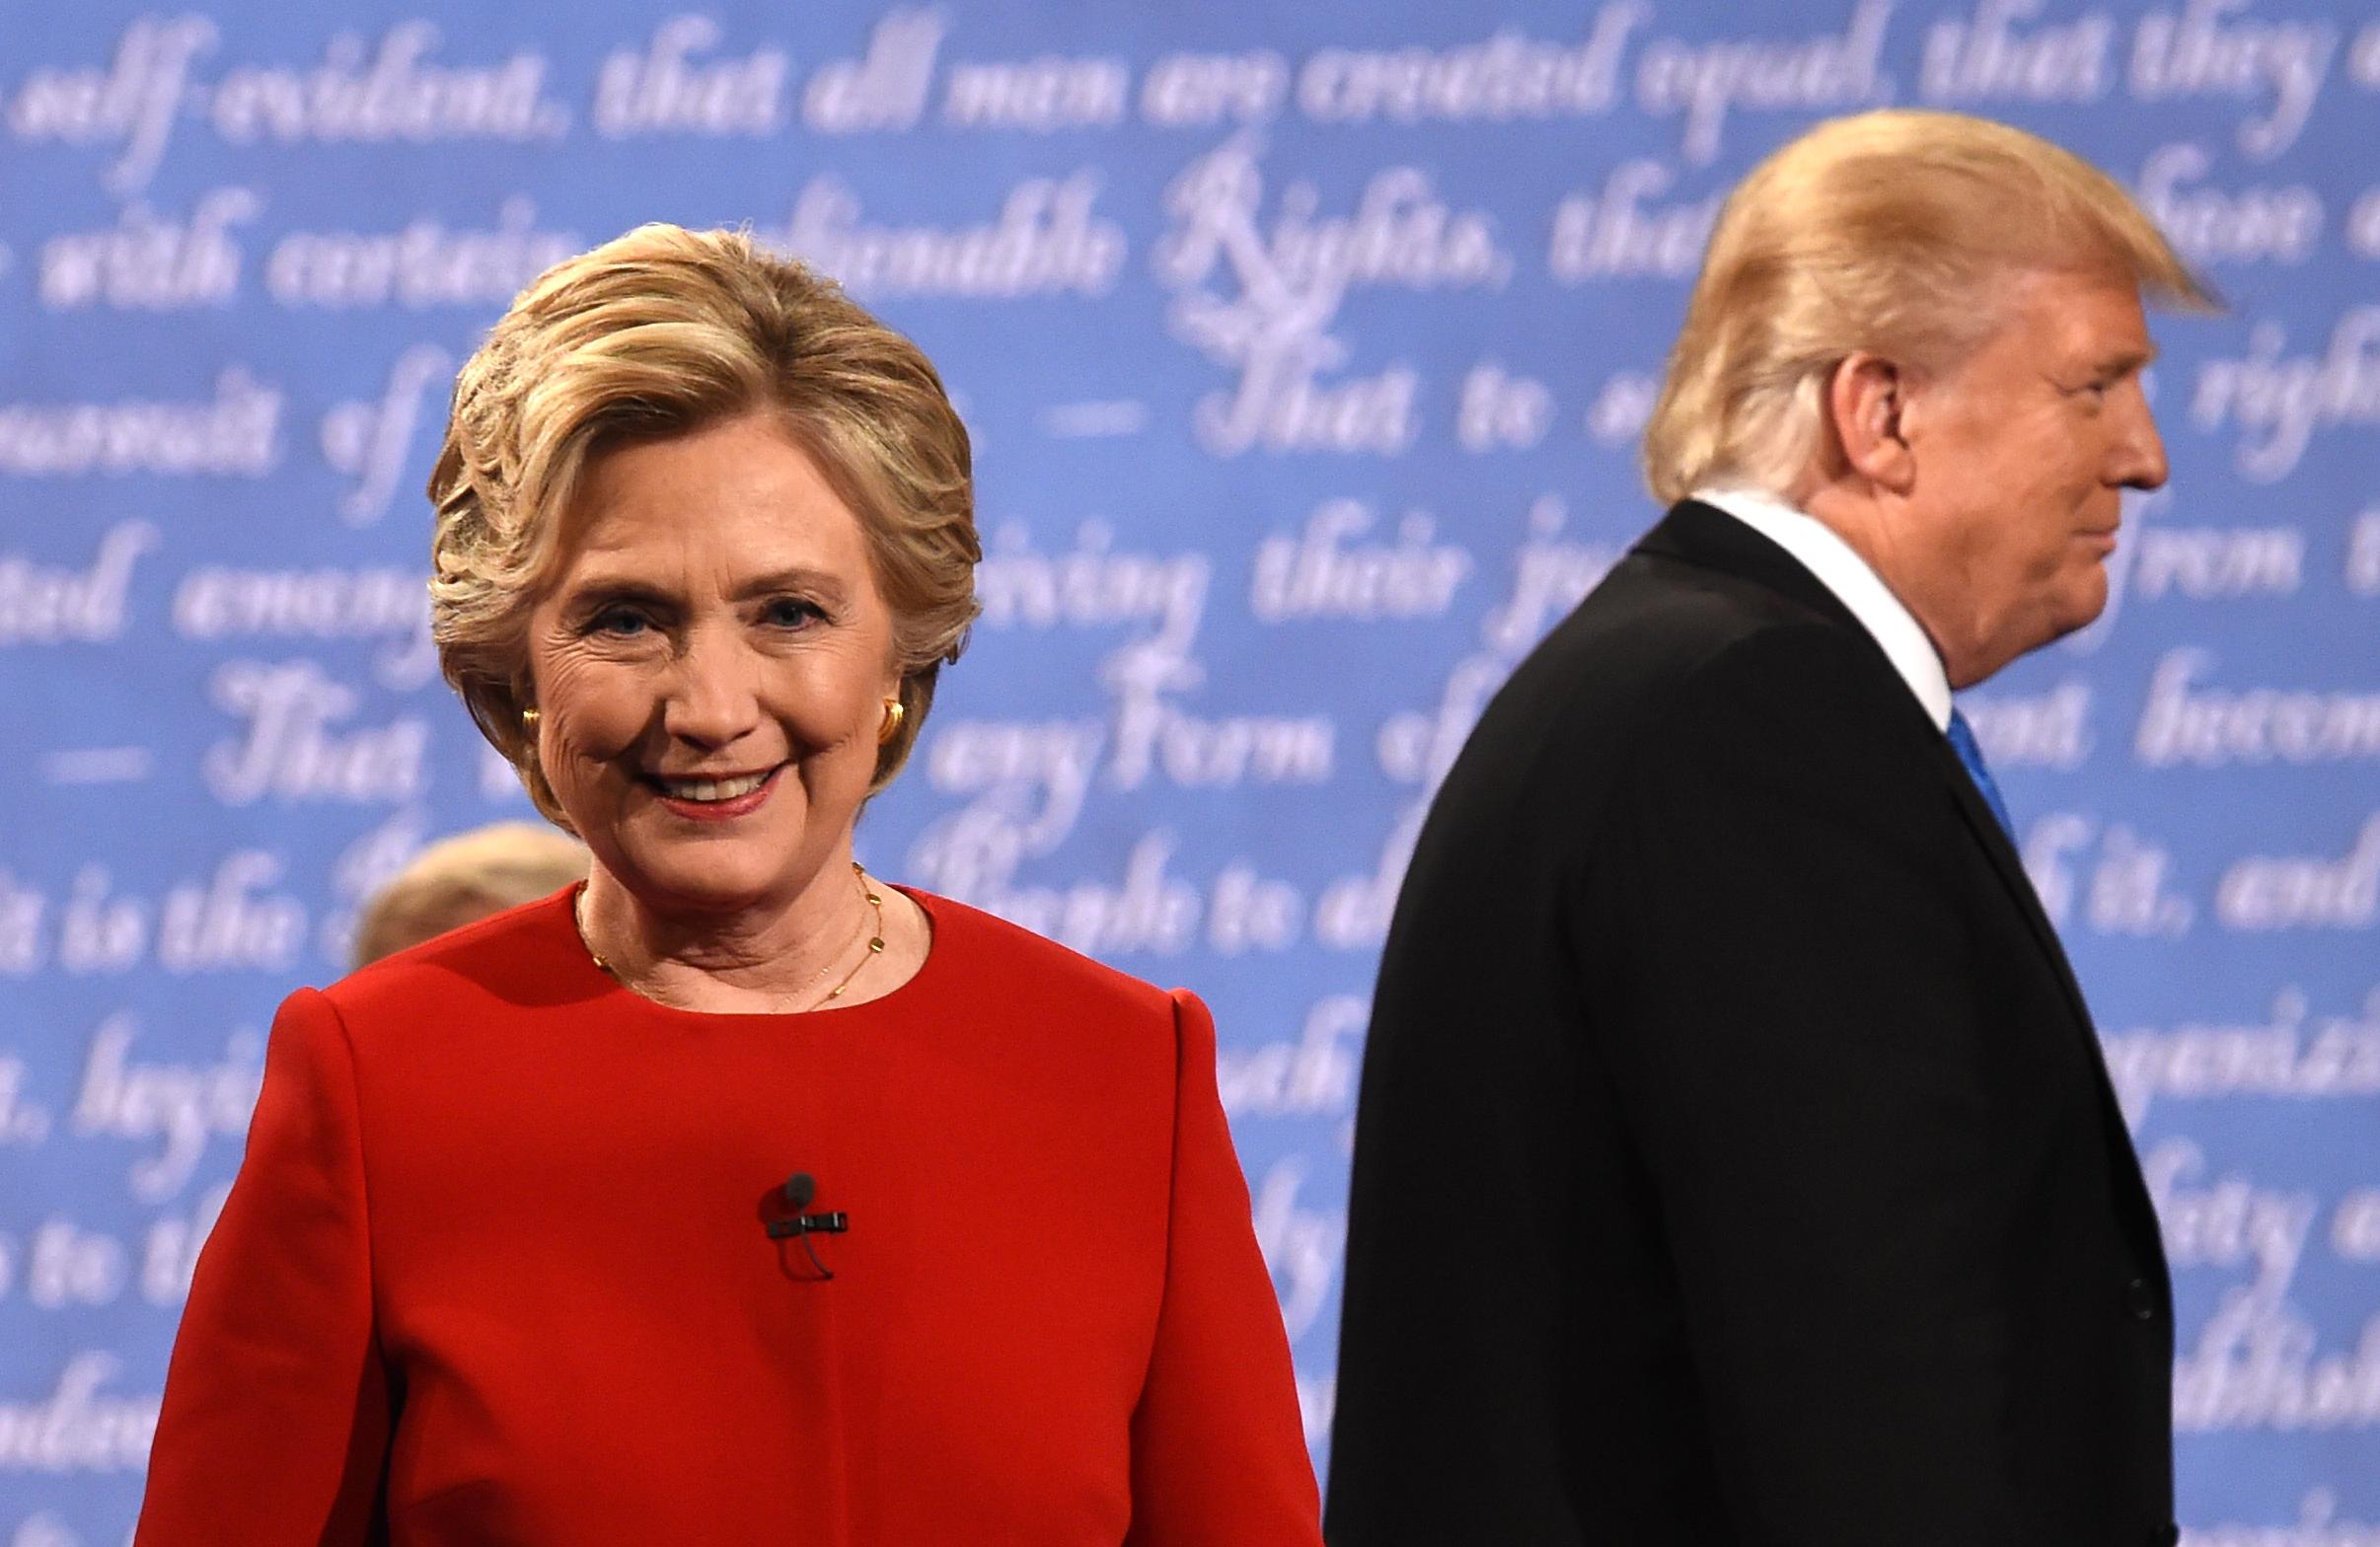 TV-Duell: Clinton kühl, Trump hitzig, Moderator tendenziös – die große Schlammschlacht blieb aus